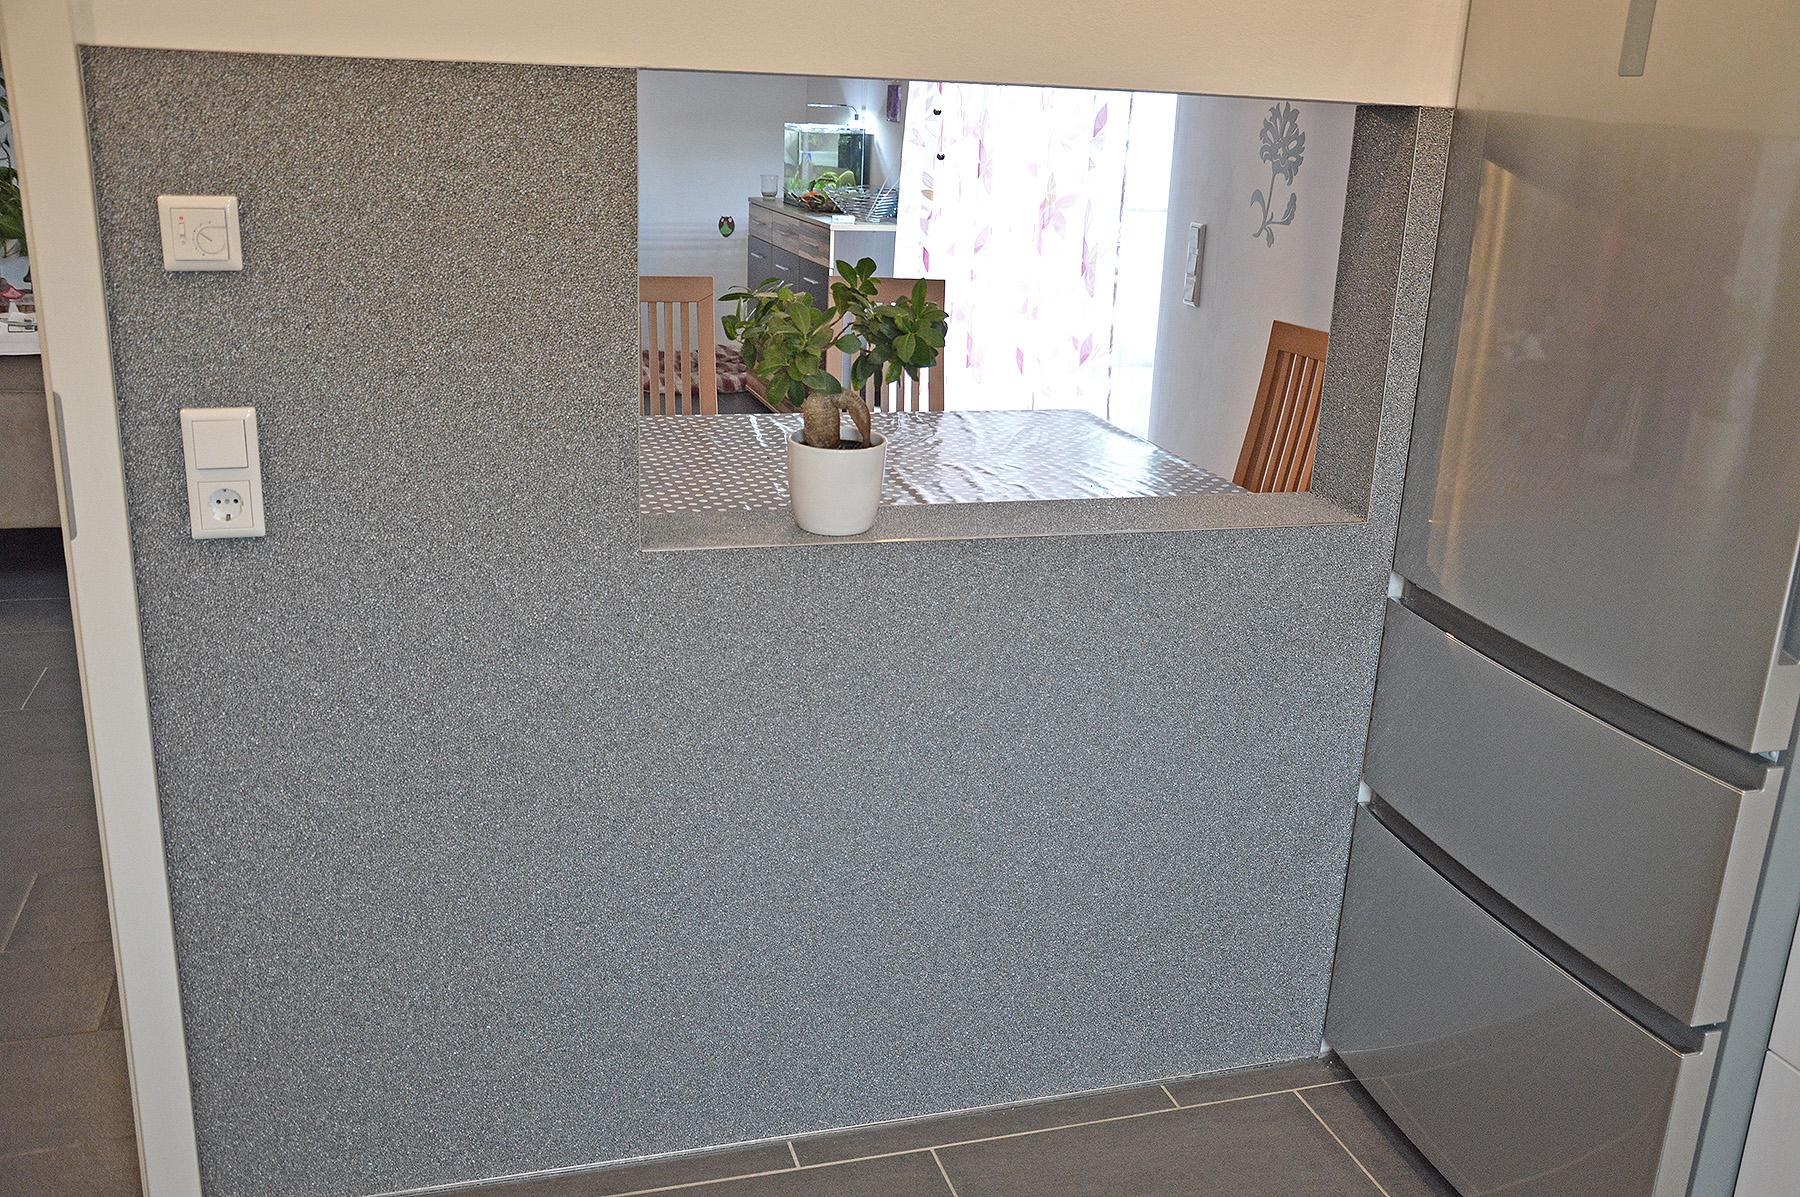 Steinteppich an der Wand in der Küche